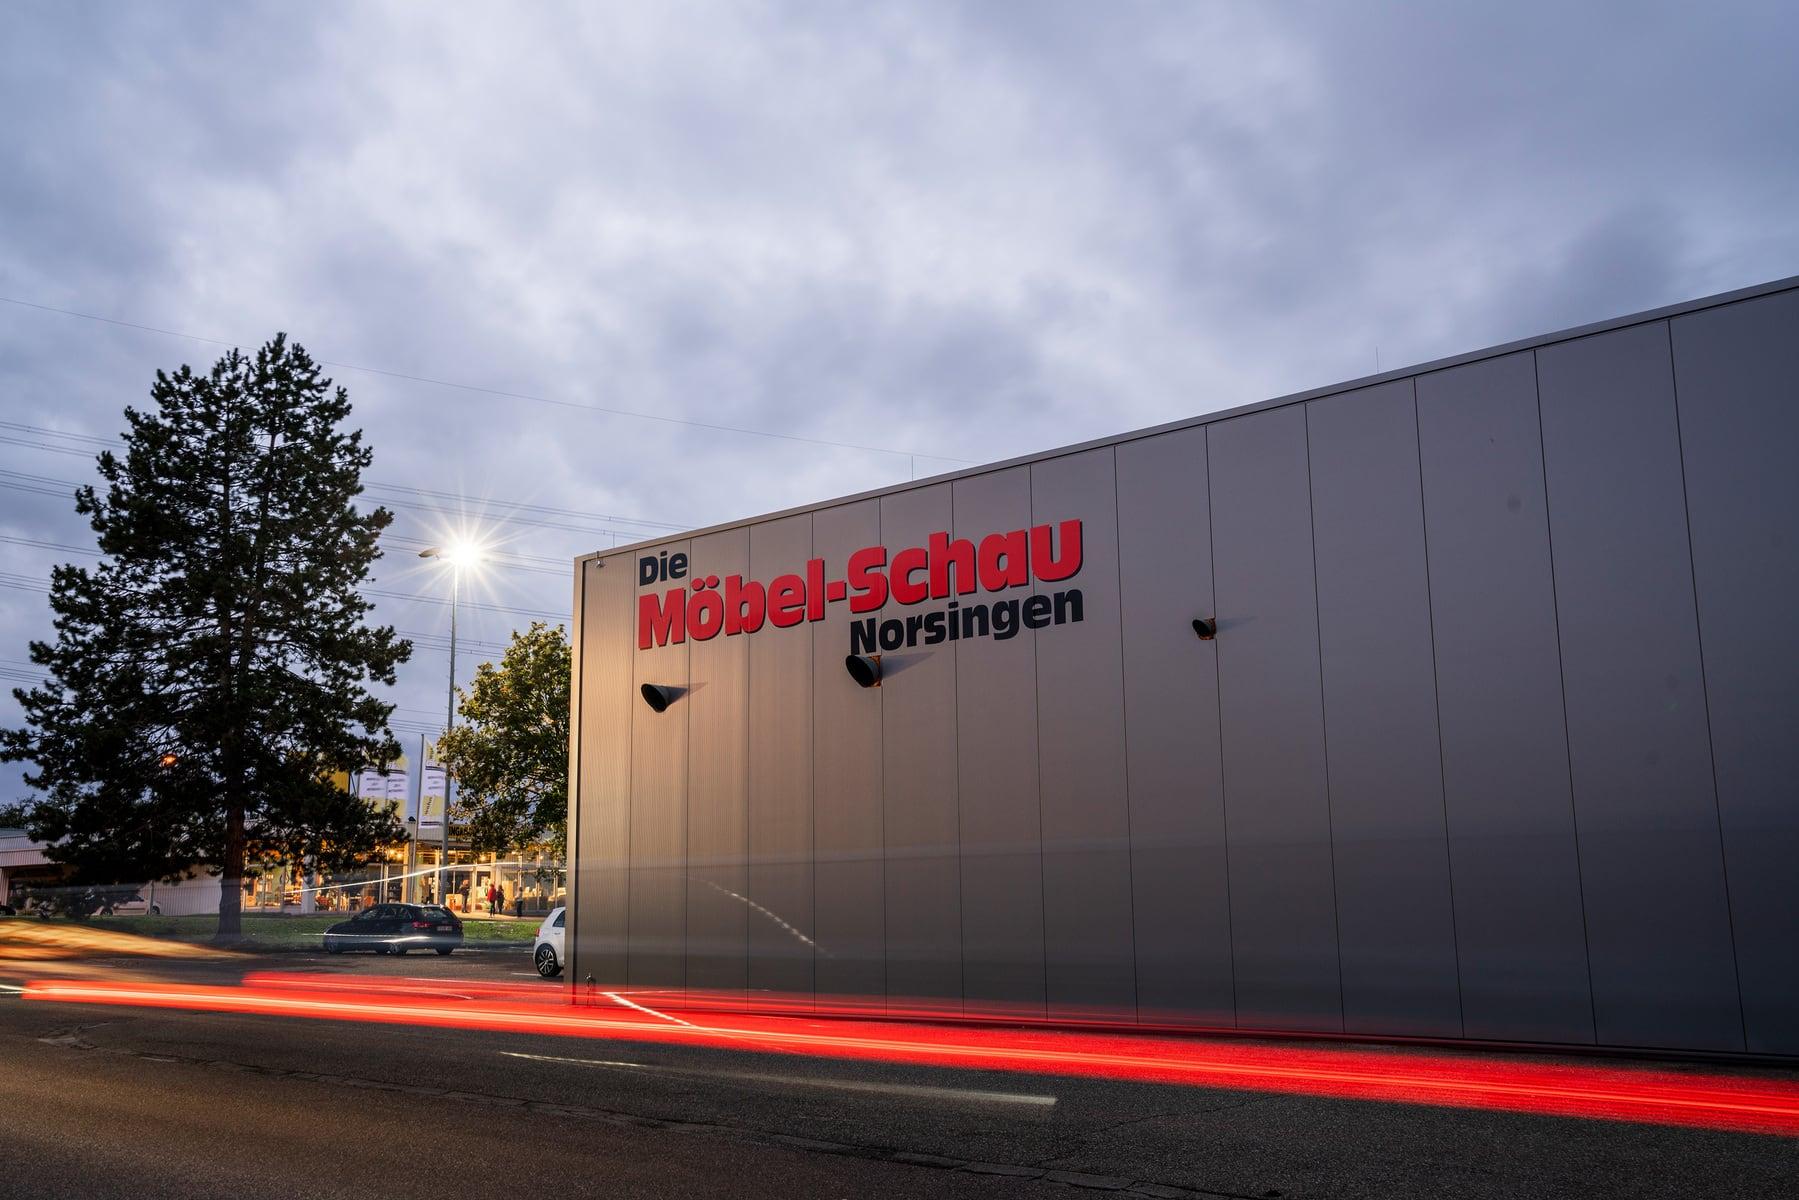 Moebelschau_Norsingen_Schrift